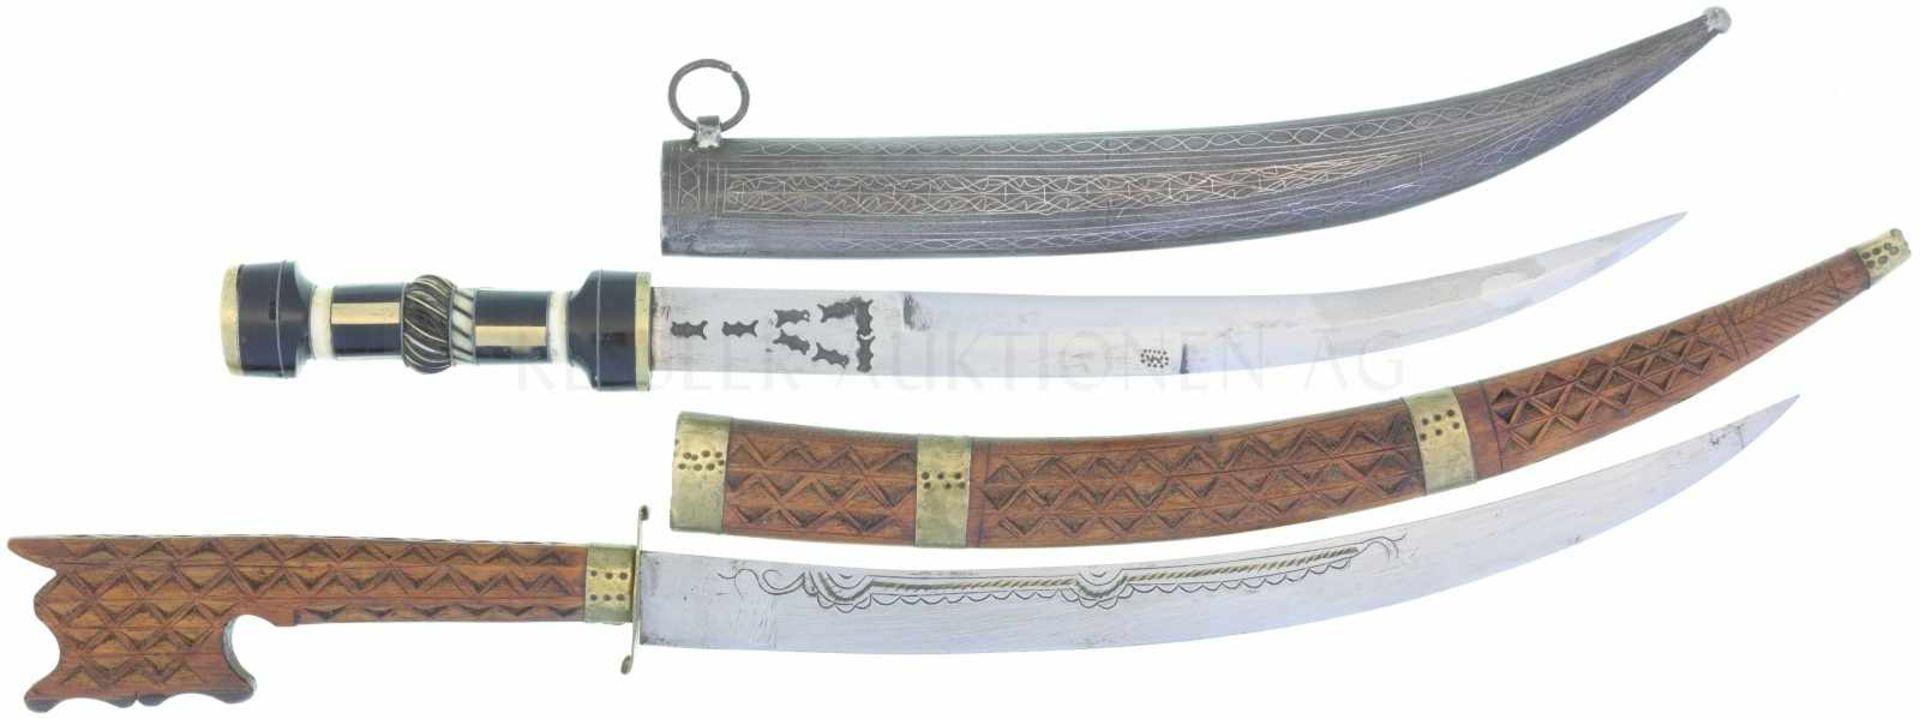 2 Indopersische Kanjars 1. KL 258mm, TL 360mm, gekrümmte Klinge mit multipel gestempelter